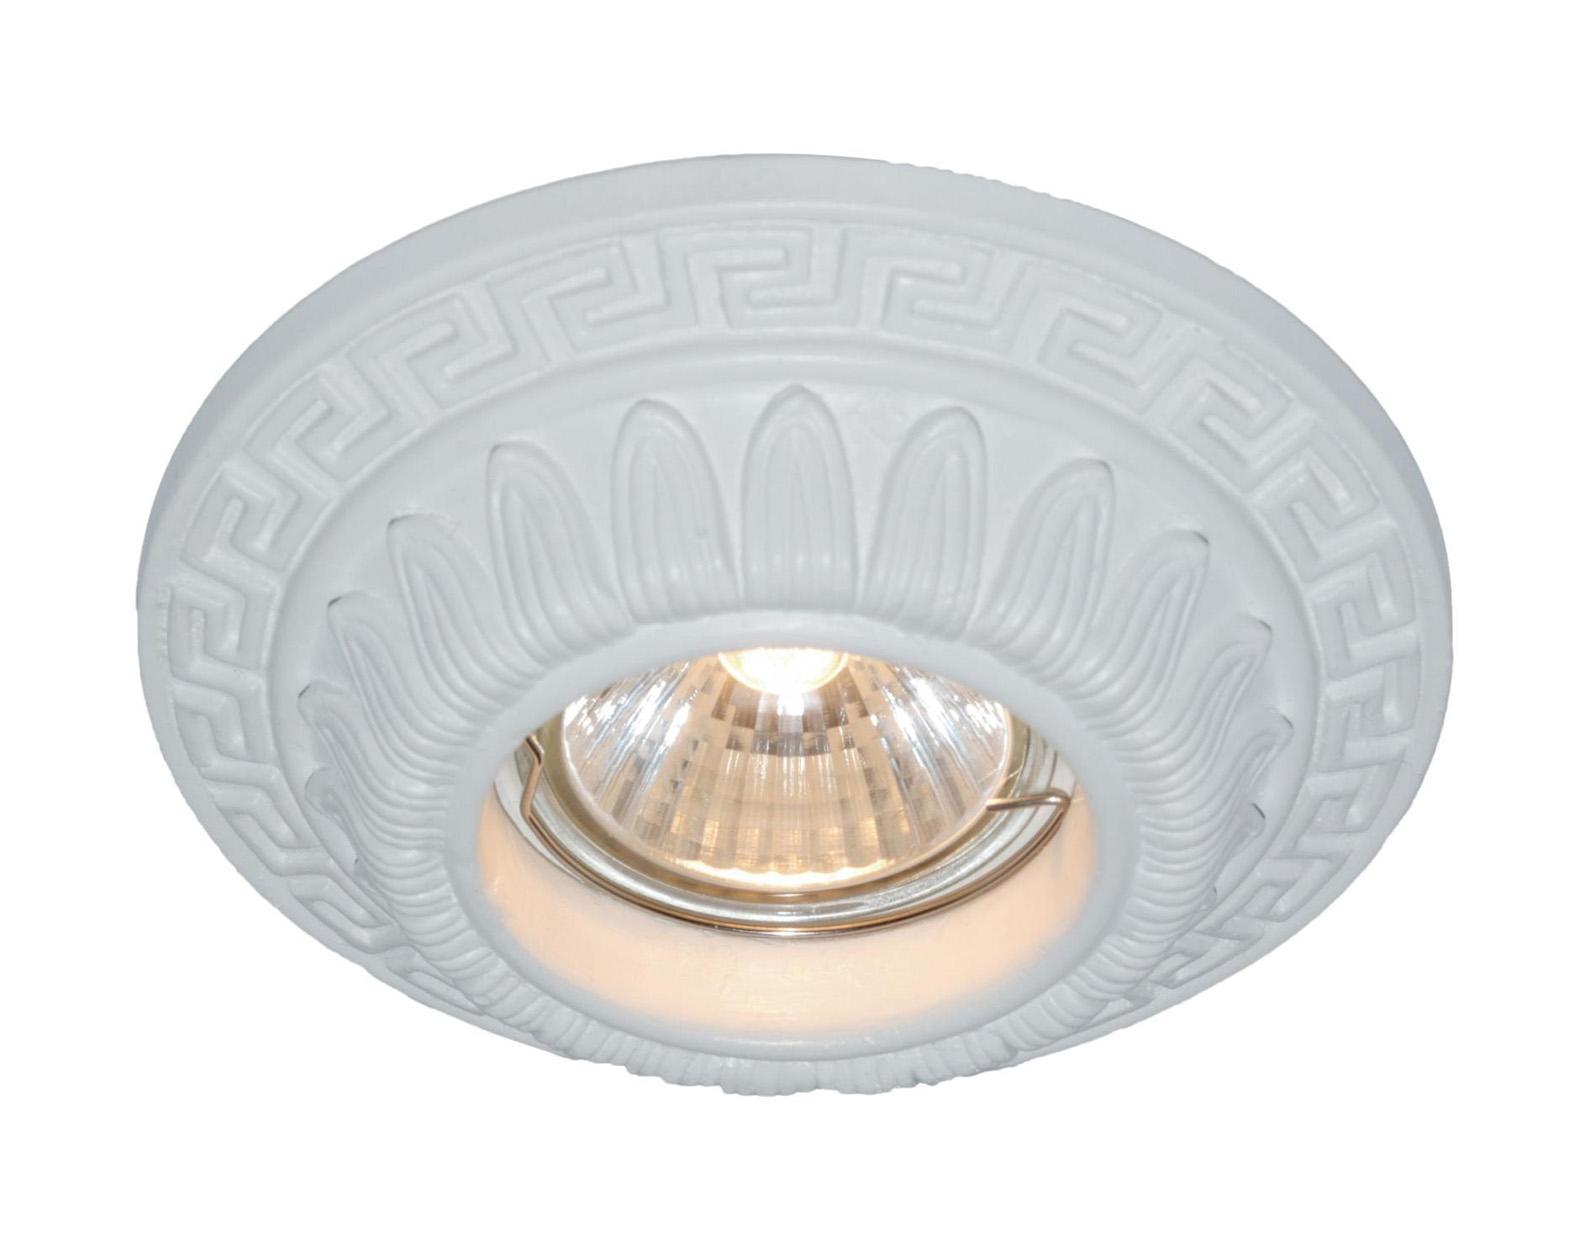 Светильник встраиваемый Arte lamp A5073pl-1wh arte lamp встраиваемый светодиодный светильник arte lamp cardani a1212pl 1wh